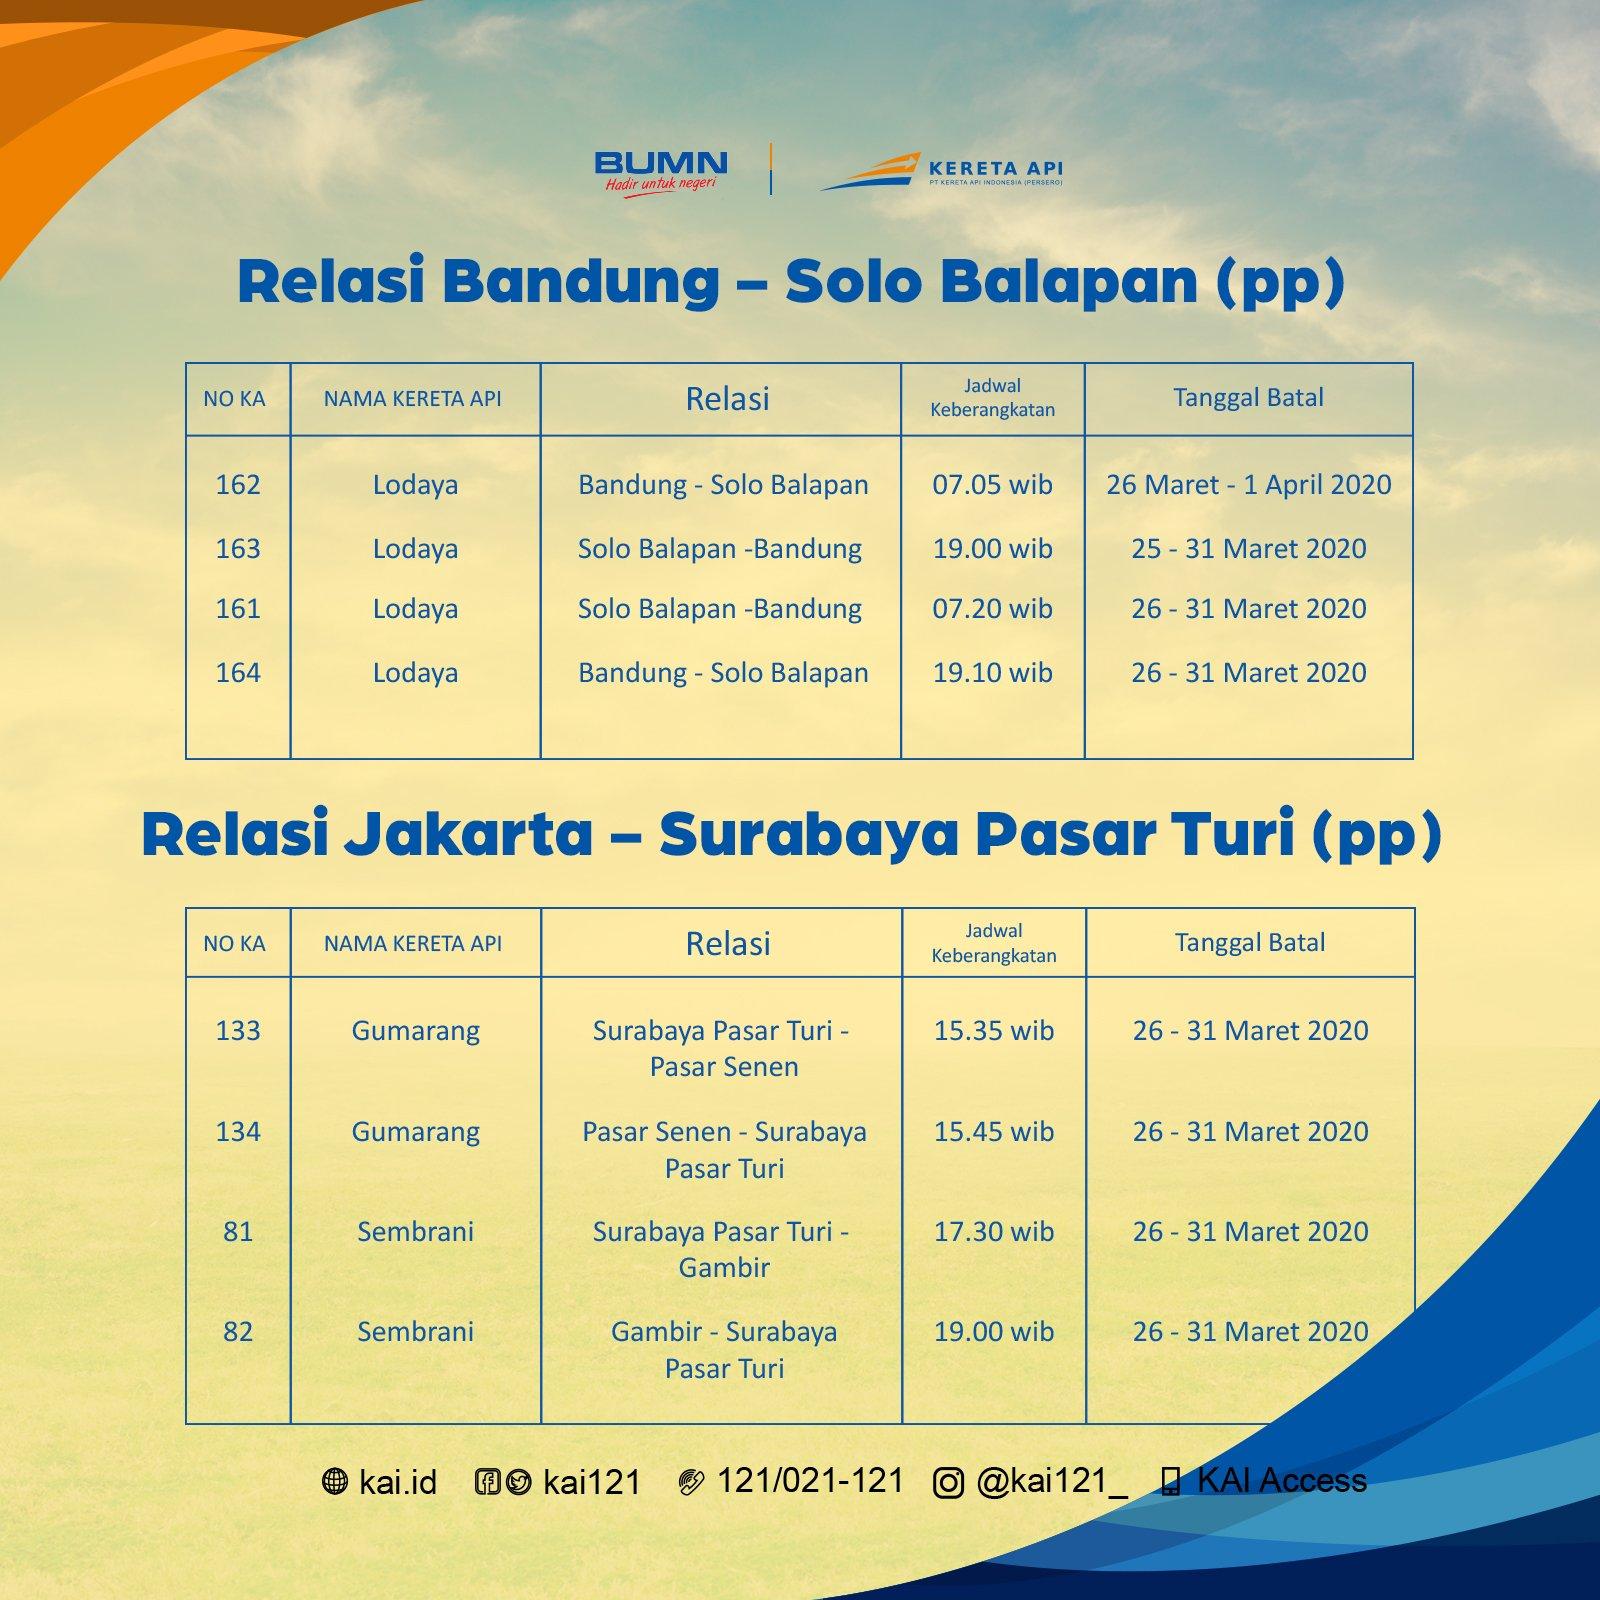 Jadwal perjalanan KA relasi Bandung-Solo Balapan (PP) dan Jakarta-Surabaya Pasar Turi (PP) yang dibatalkan